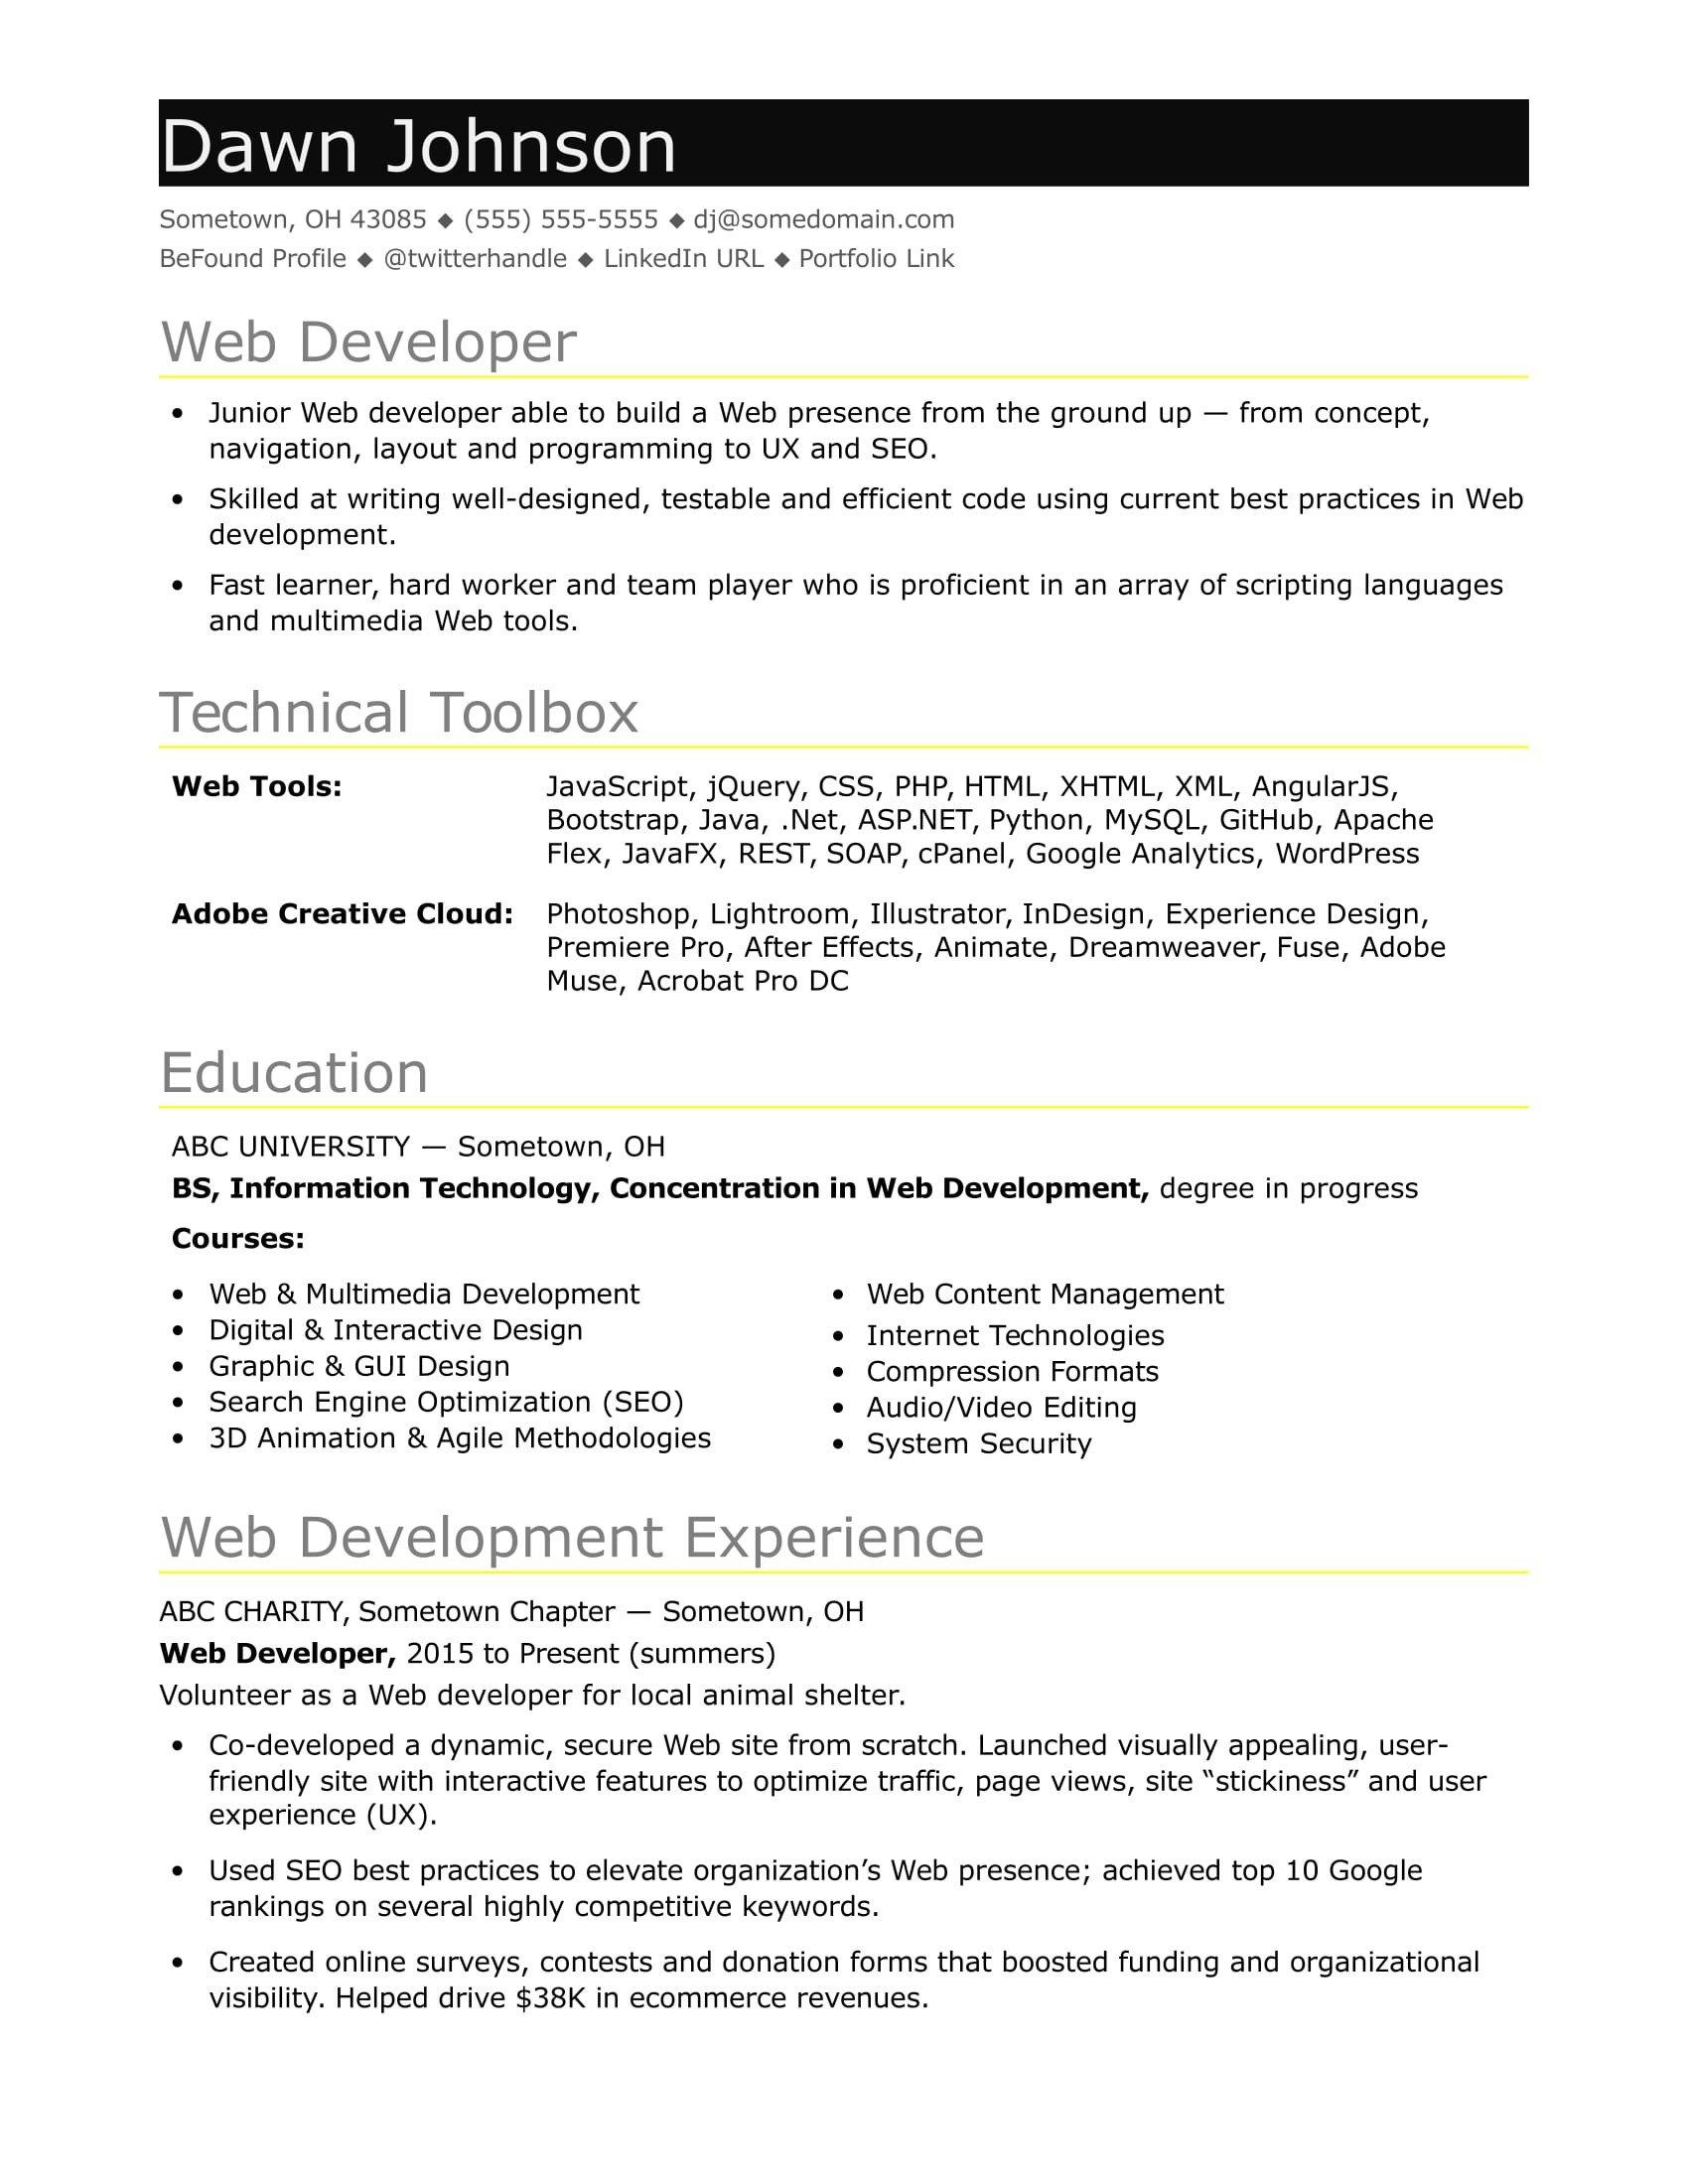 Junior Web Developer Resume Sample Resume for An Entry Level It Developer